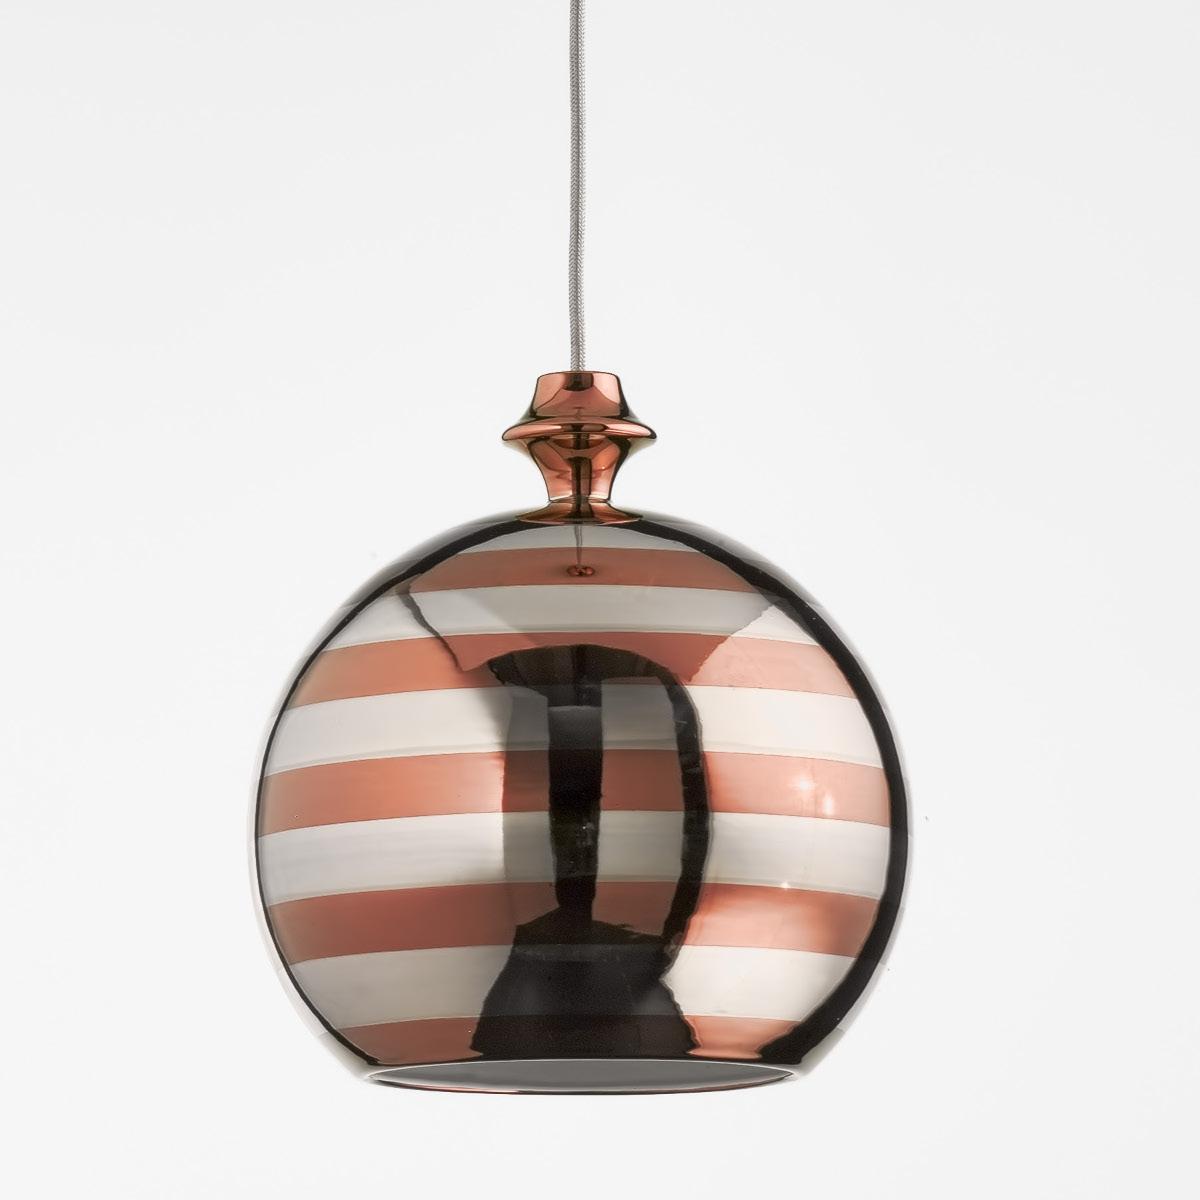 Kugelformige Design Leuchte In Kupfer Gold Oder Platin